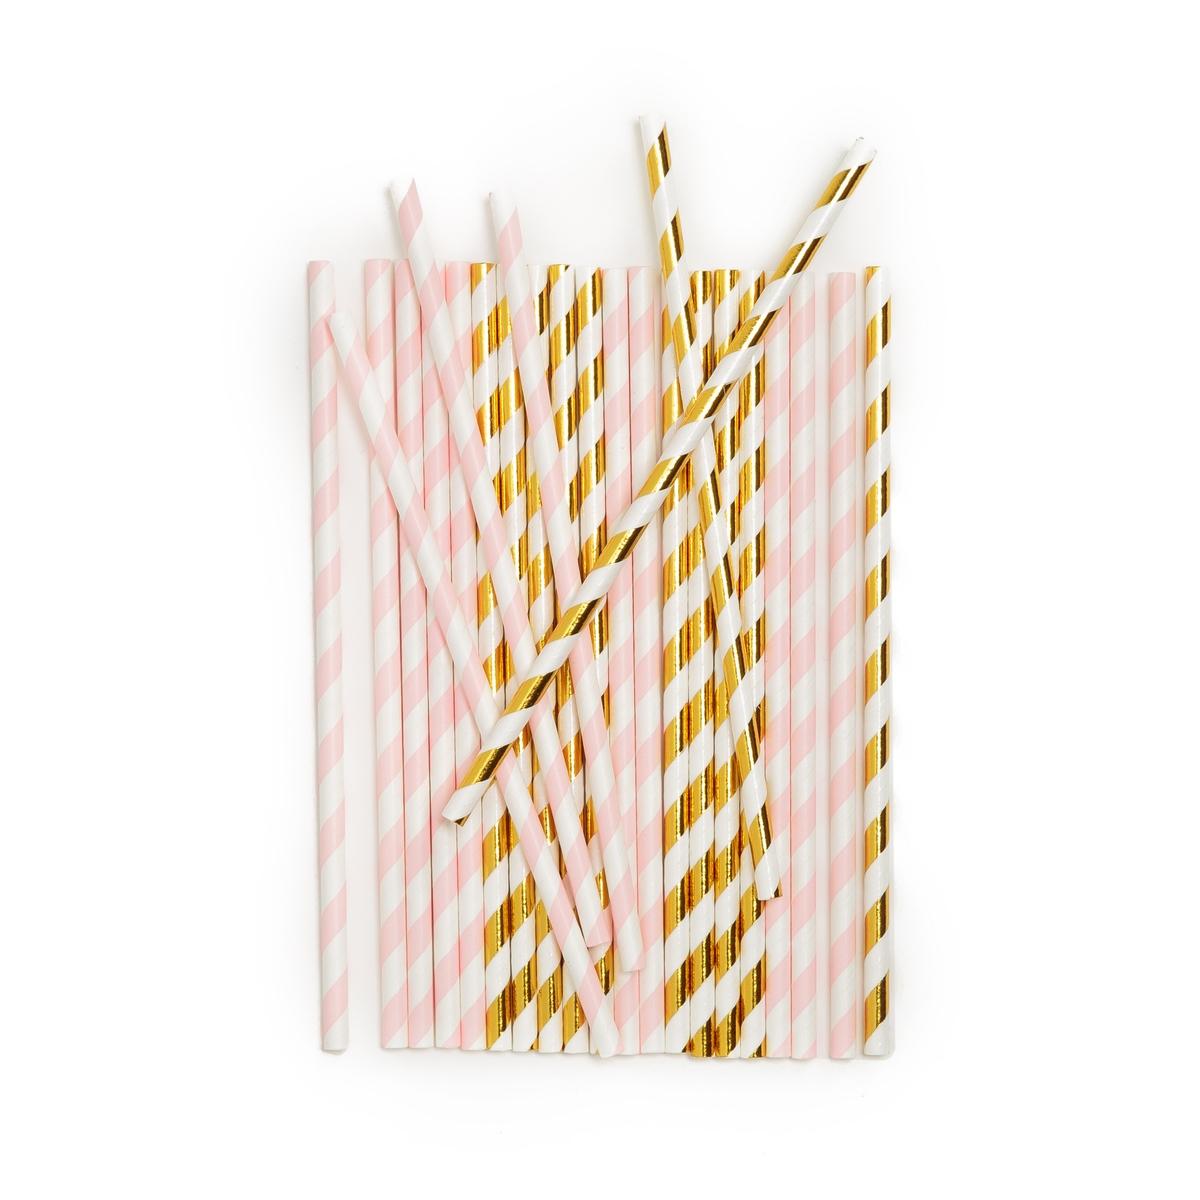 Трубочки из картона F?LIA  (25 шт.)Описание:Комплект из 25 картонных трубочек La Redoute Interieurs с праздничным рисунком.Характеристики 25 трубочек : •  Картон •  Одноразовые трубочки •  Розового цвета с золотистым рисункомРазмеры 25 трубочек: •  Высота : 15,5 см.Всю коллекцию столового декора вы найдете на laredoute.<br><br>Цвет: рисунок золотистый